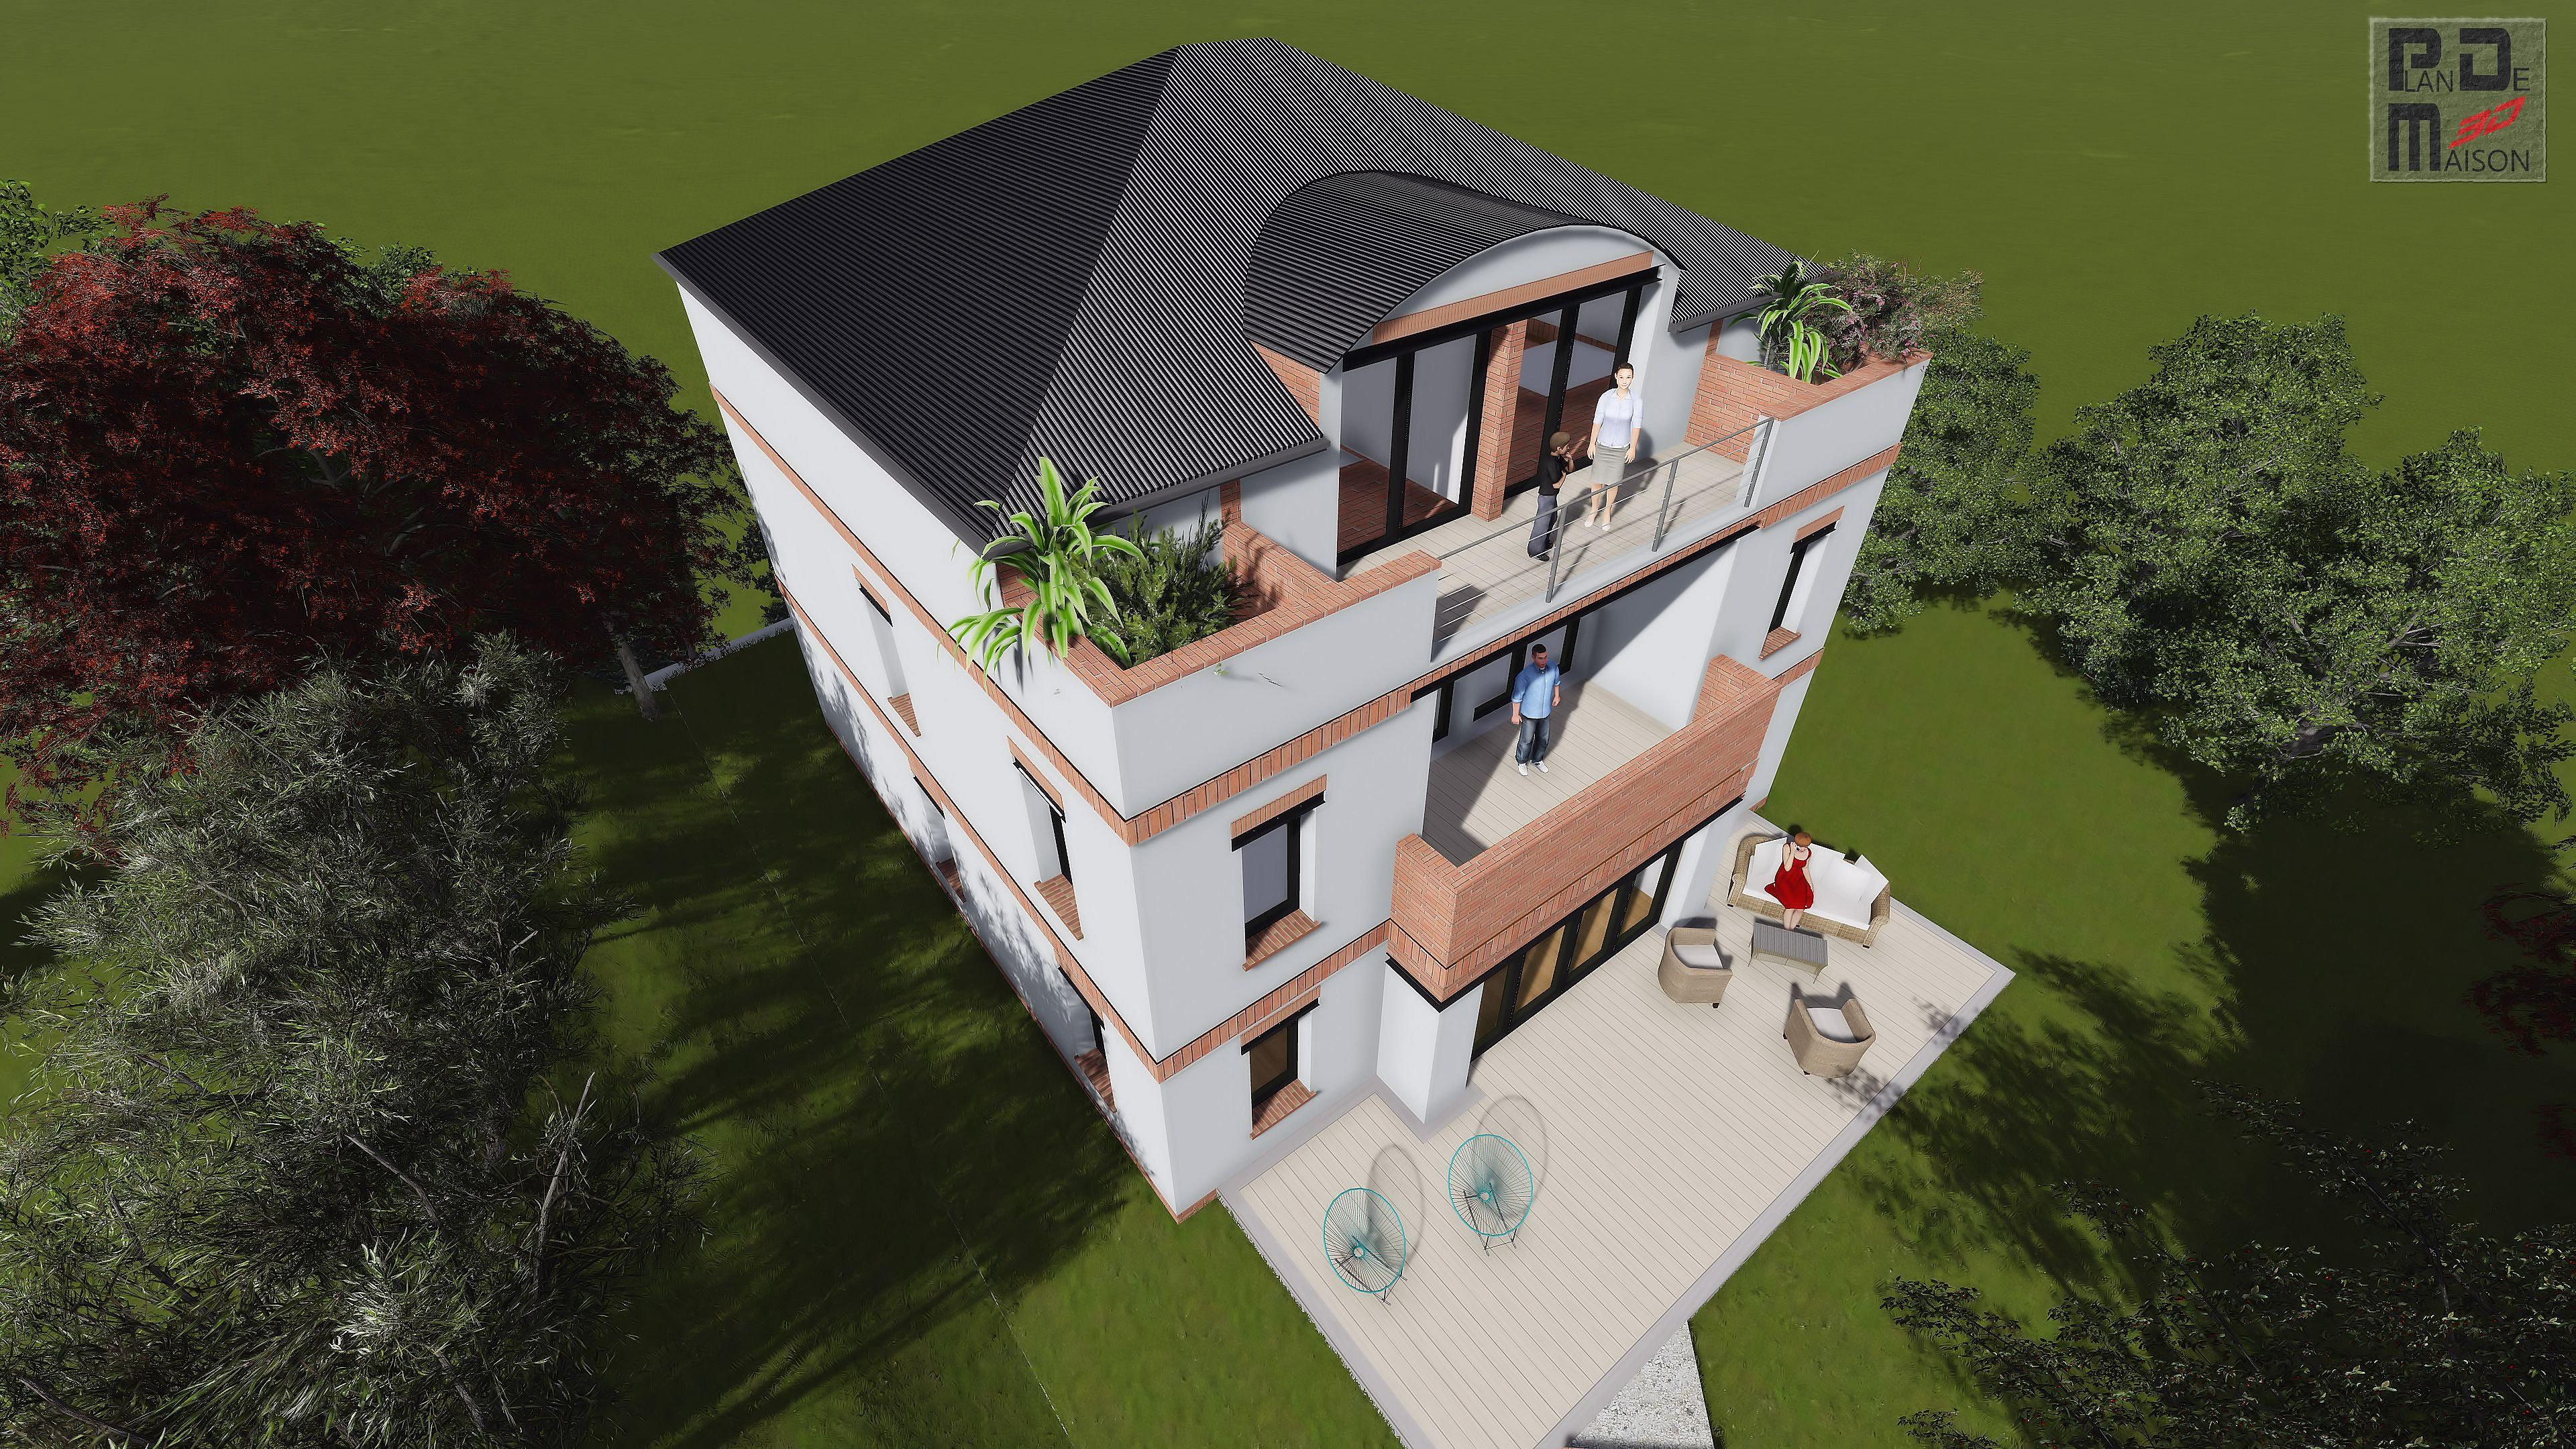 image maison 3d permis de construire plan maison 3d christophe taurel image de maison 3d paris. Black Bedroom Furniture Sets. Home Design Ideas